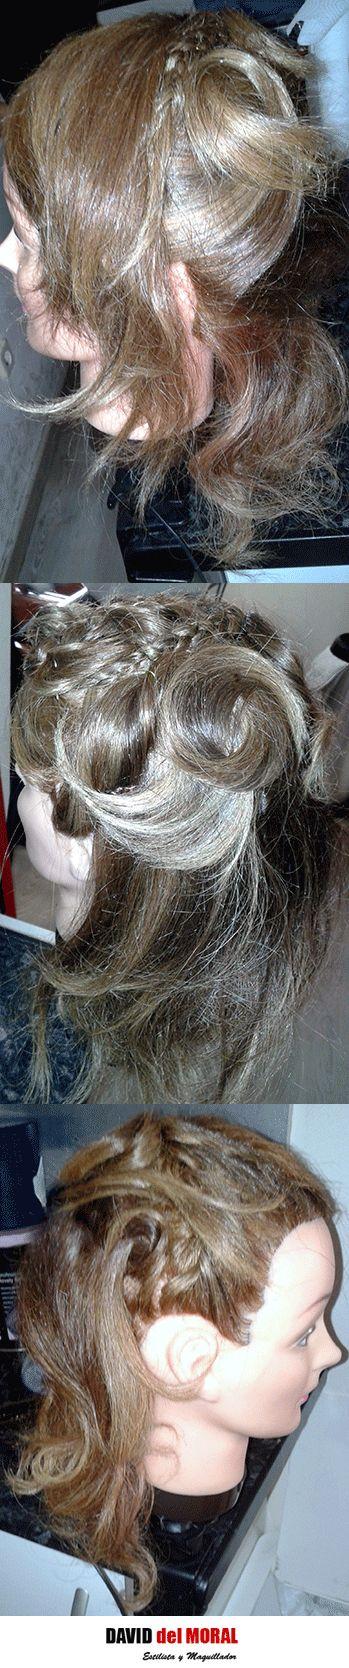 #semirecogido #trenzado #trenzas #rizado #ondas #tirabuzones #estilo #estilismo #femme #evento #ghd #hair #cabello #peinado #hairstyle